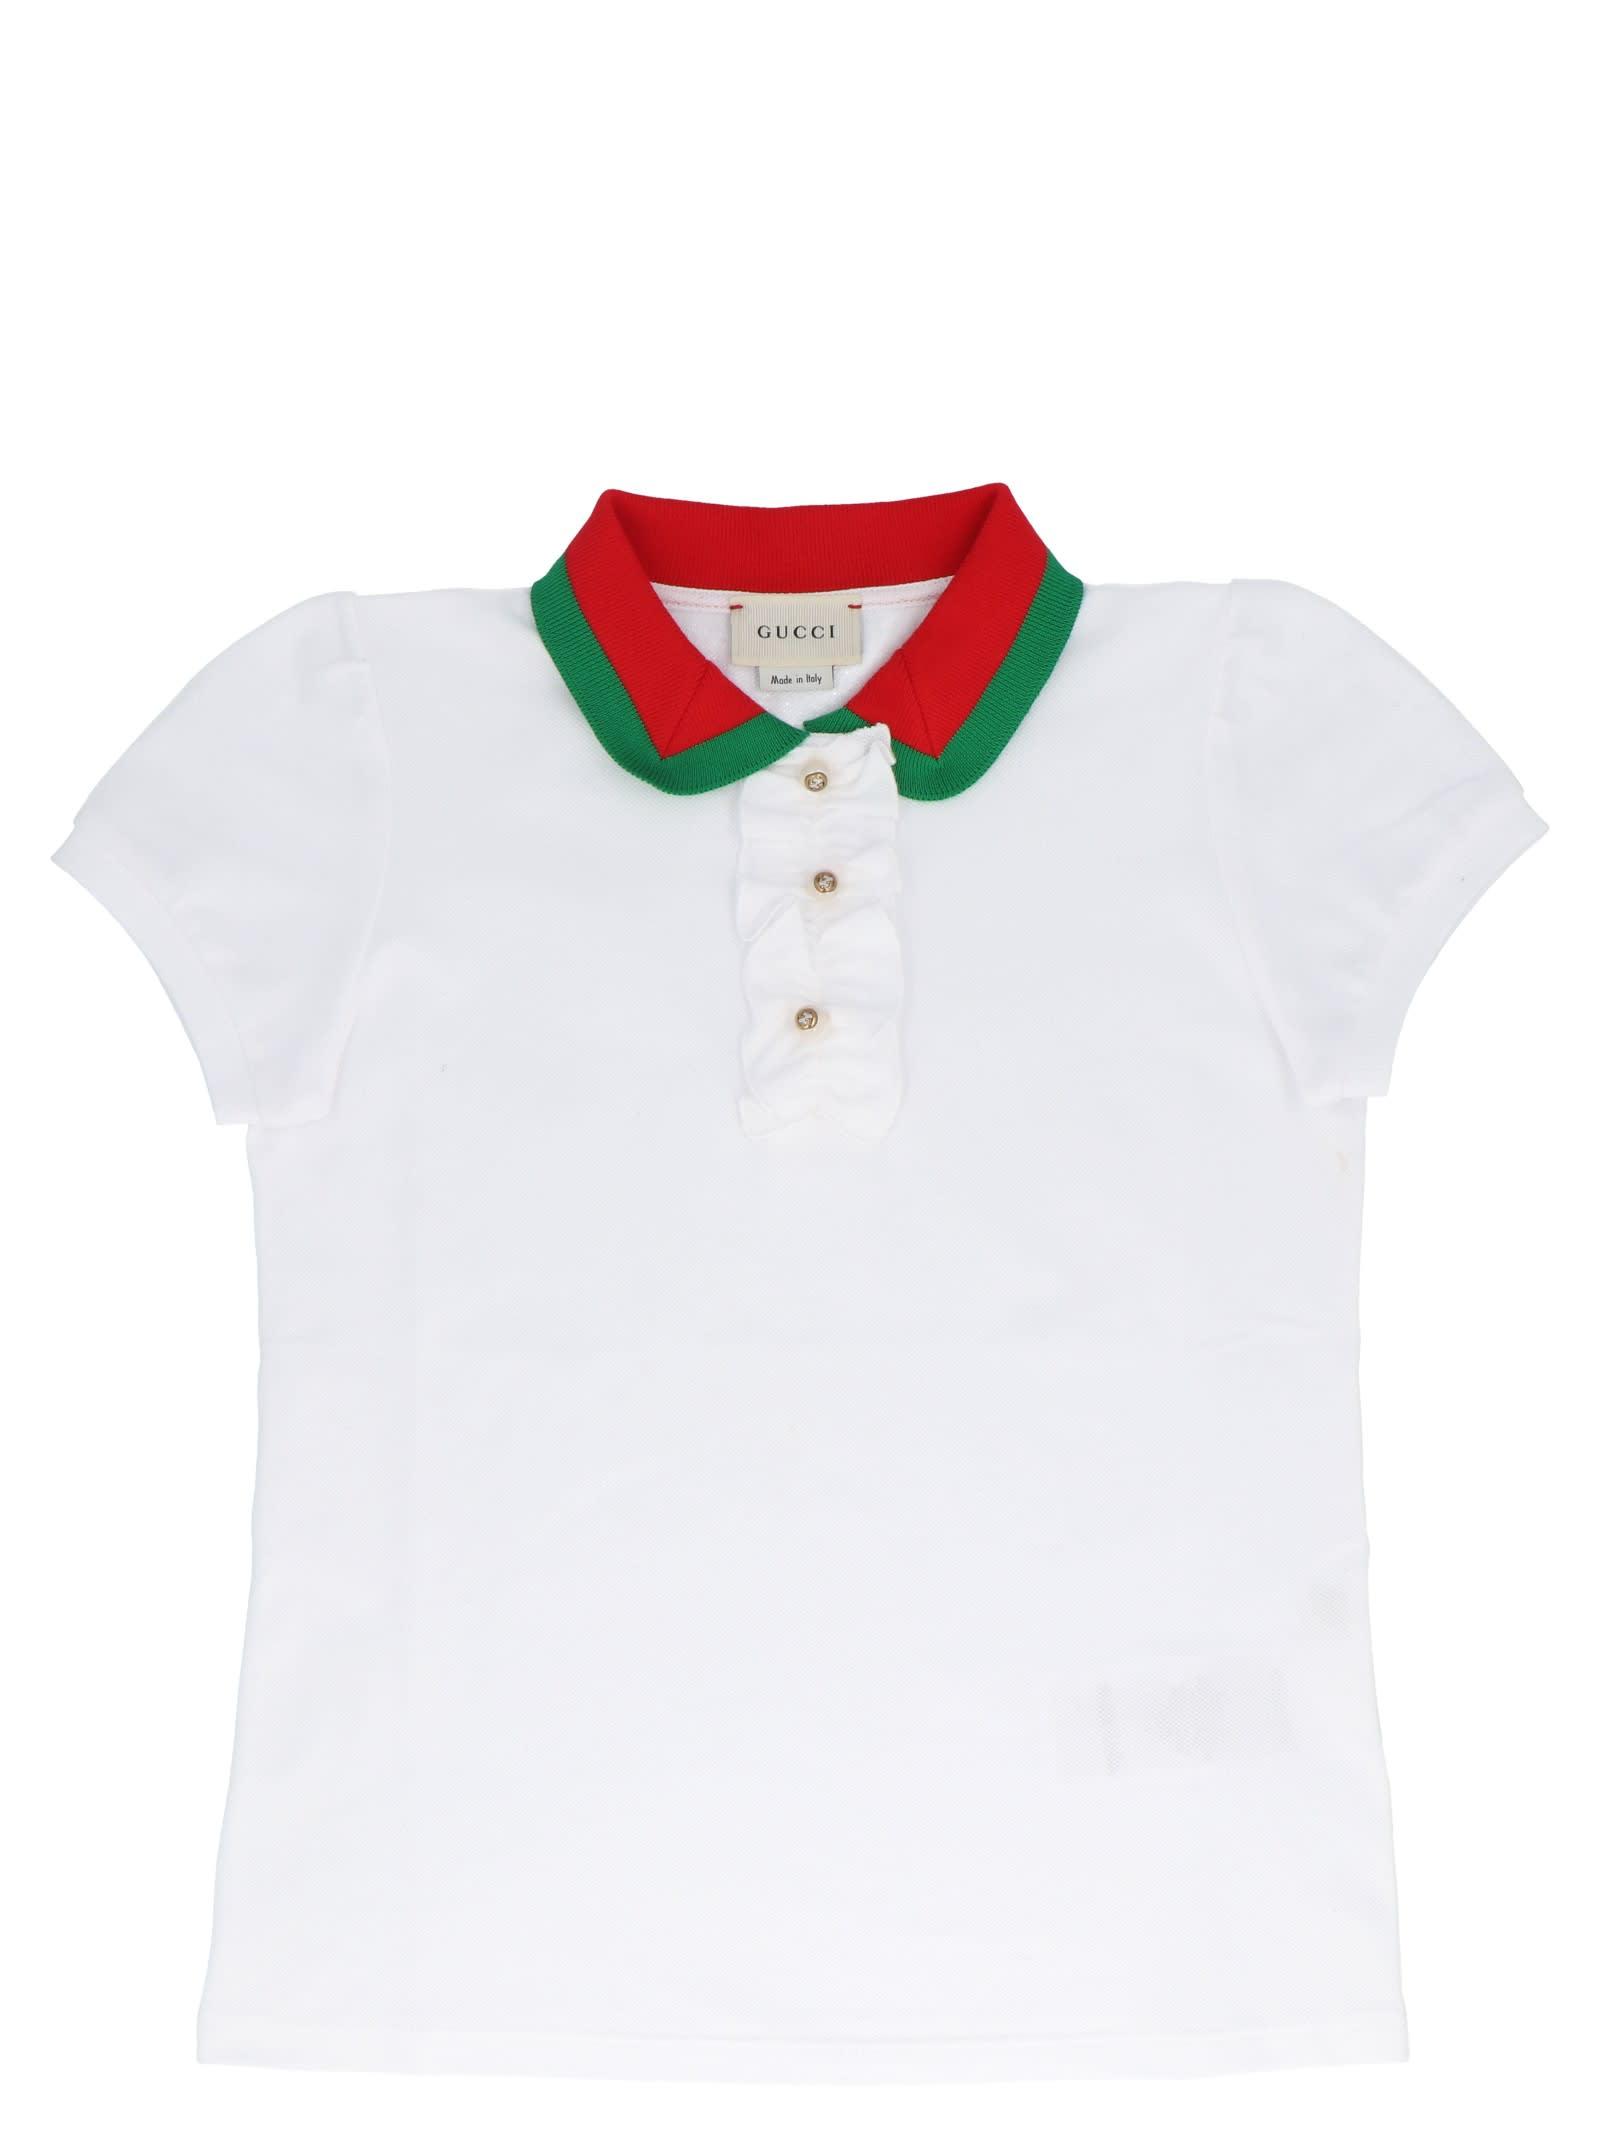 47c5be5f2 Gucci Gucci Polo - White - 10908373 | italist